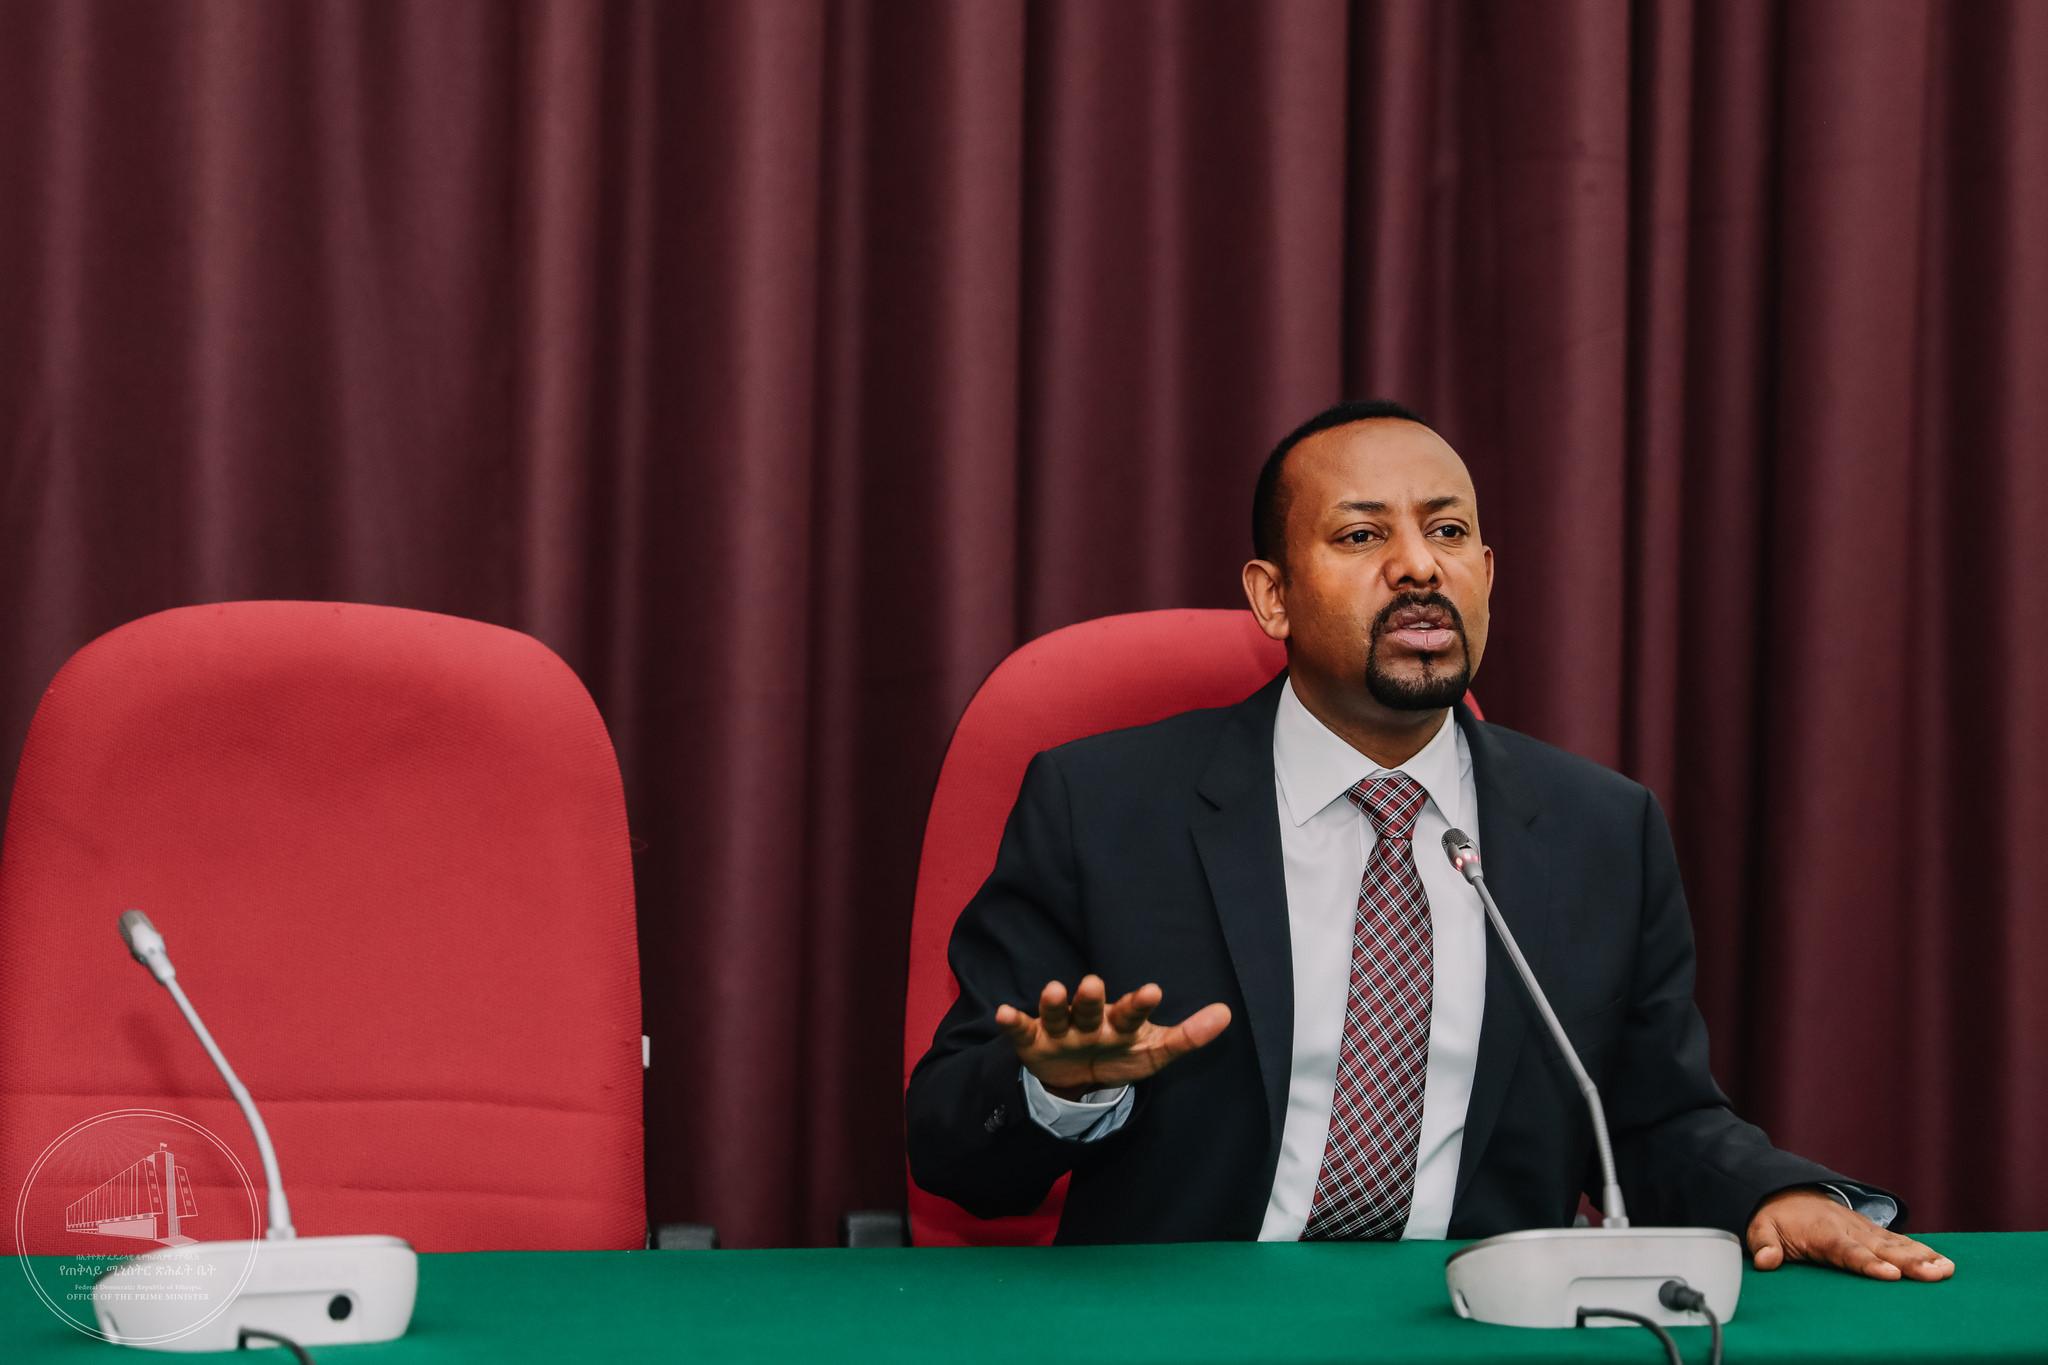 Ethiopian elite lost in electoral maze under Abiy's gaze - Ethiopia